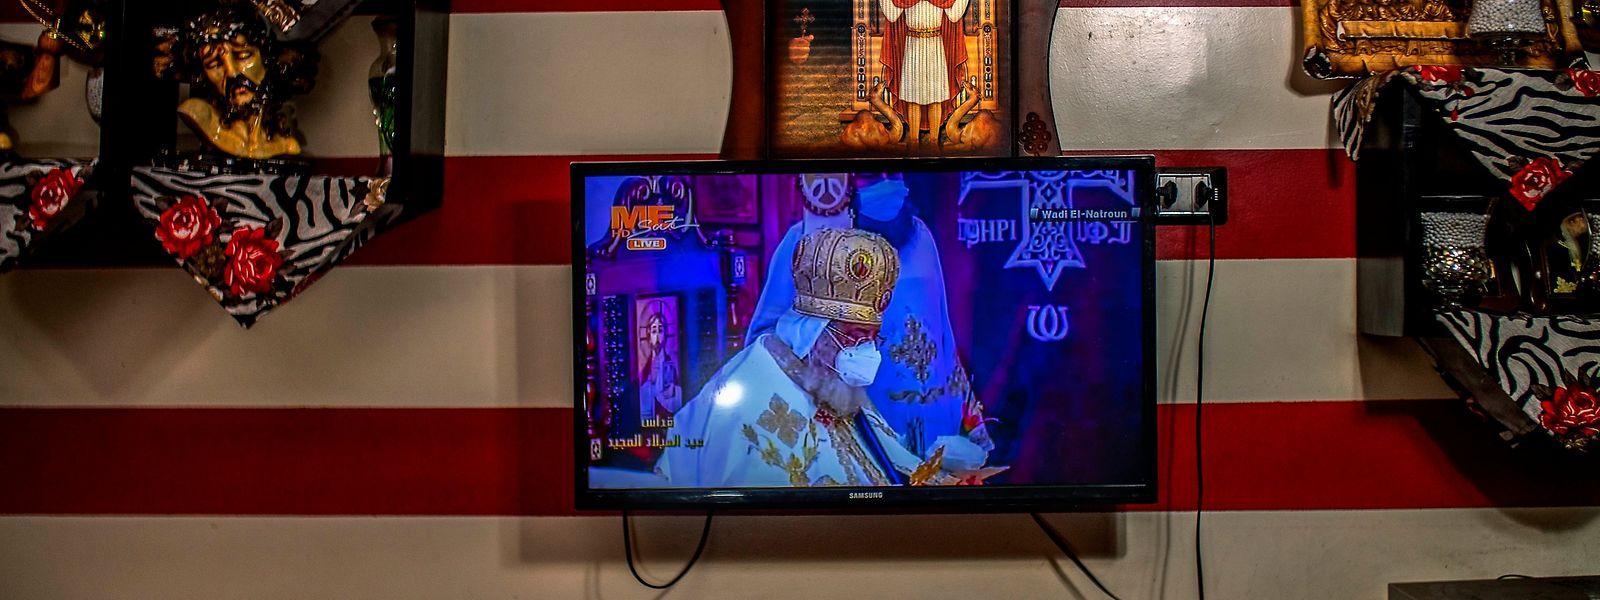 La messe à la télévision est célébrée par le pape Tawadros II masqué, dans le monastère de Saint-Bishoy.